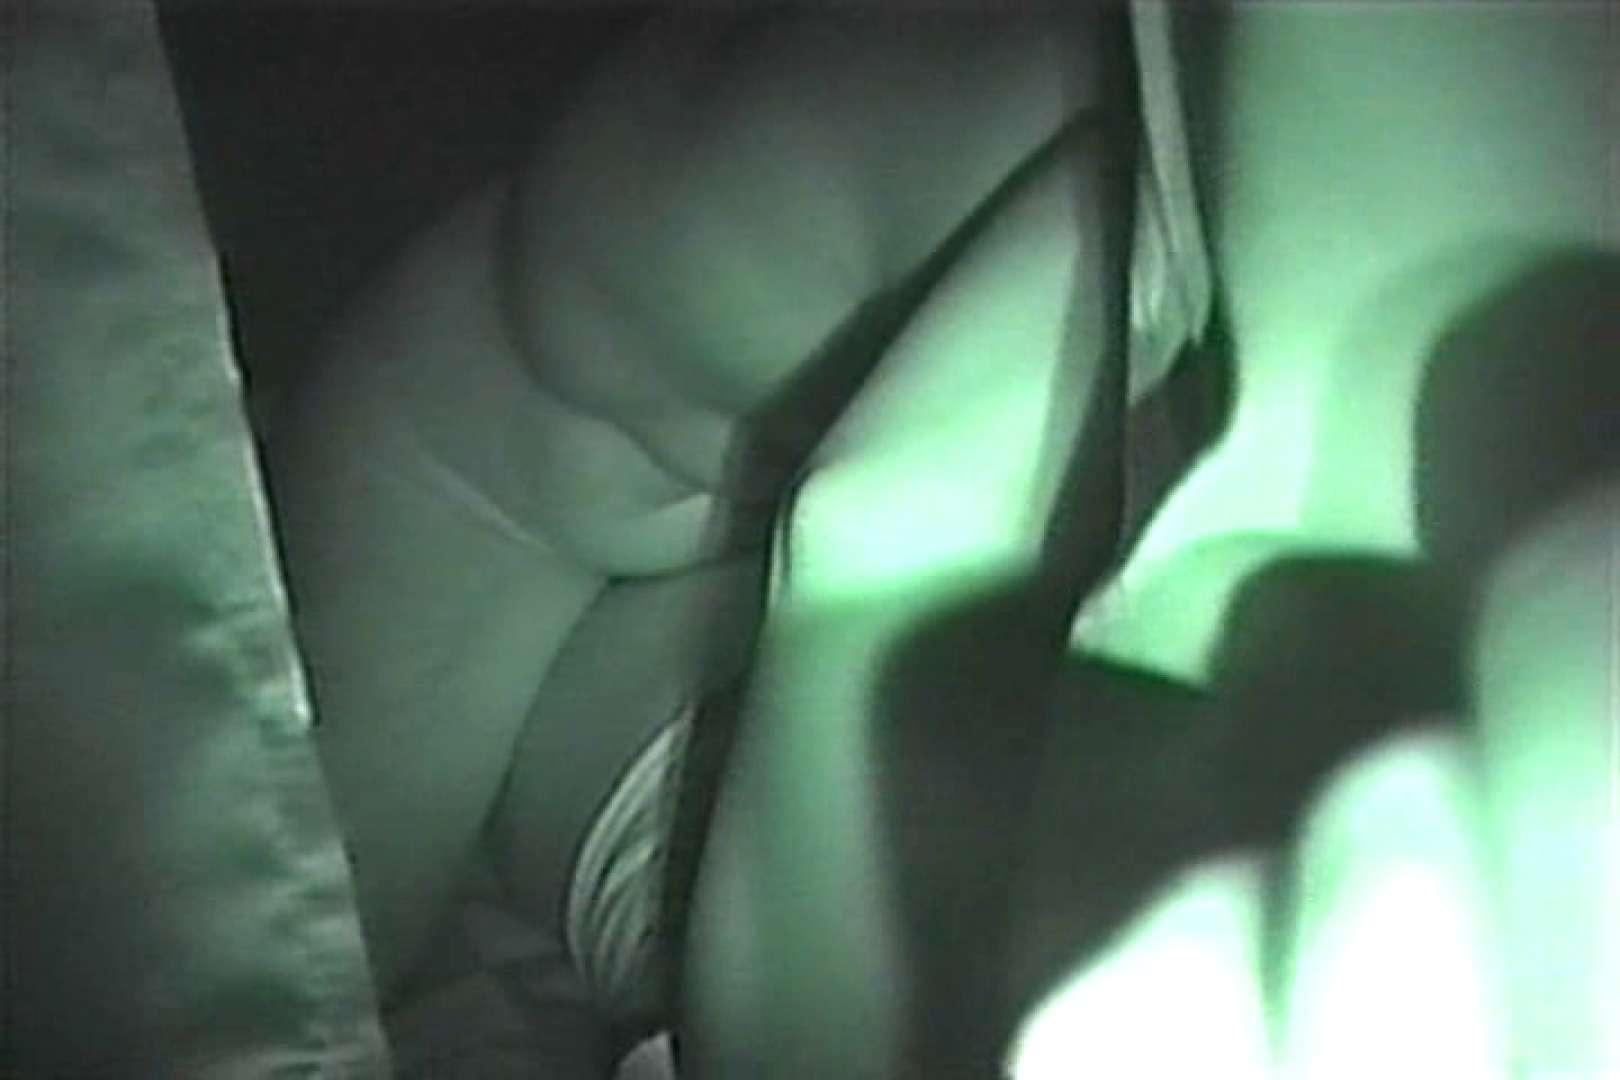 MASAさんの待ち伏せ撮り! 赤外線カーセックスVol.11 セックス SEX無修正画像 86pic 42